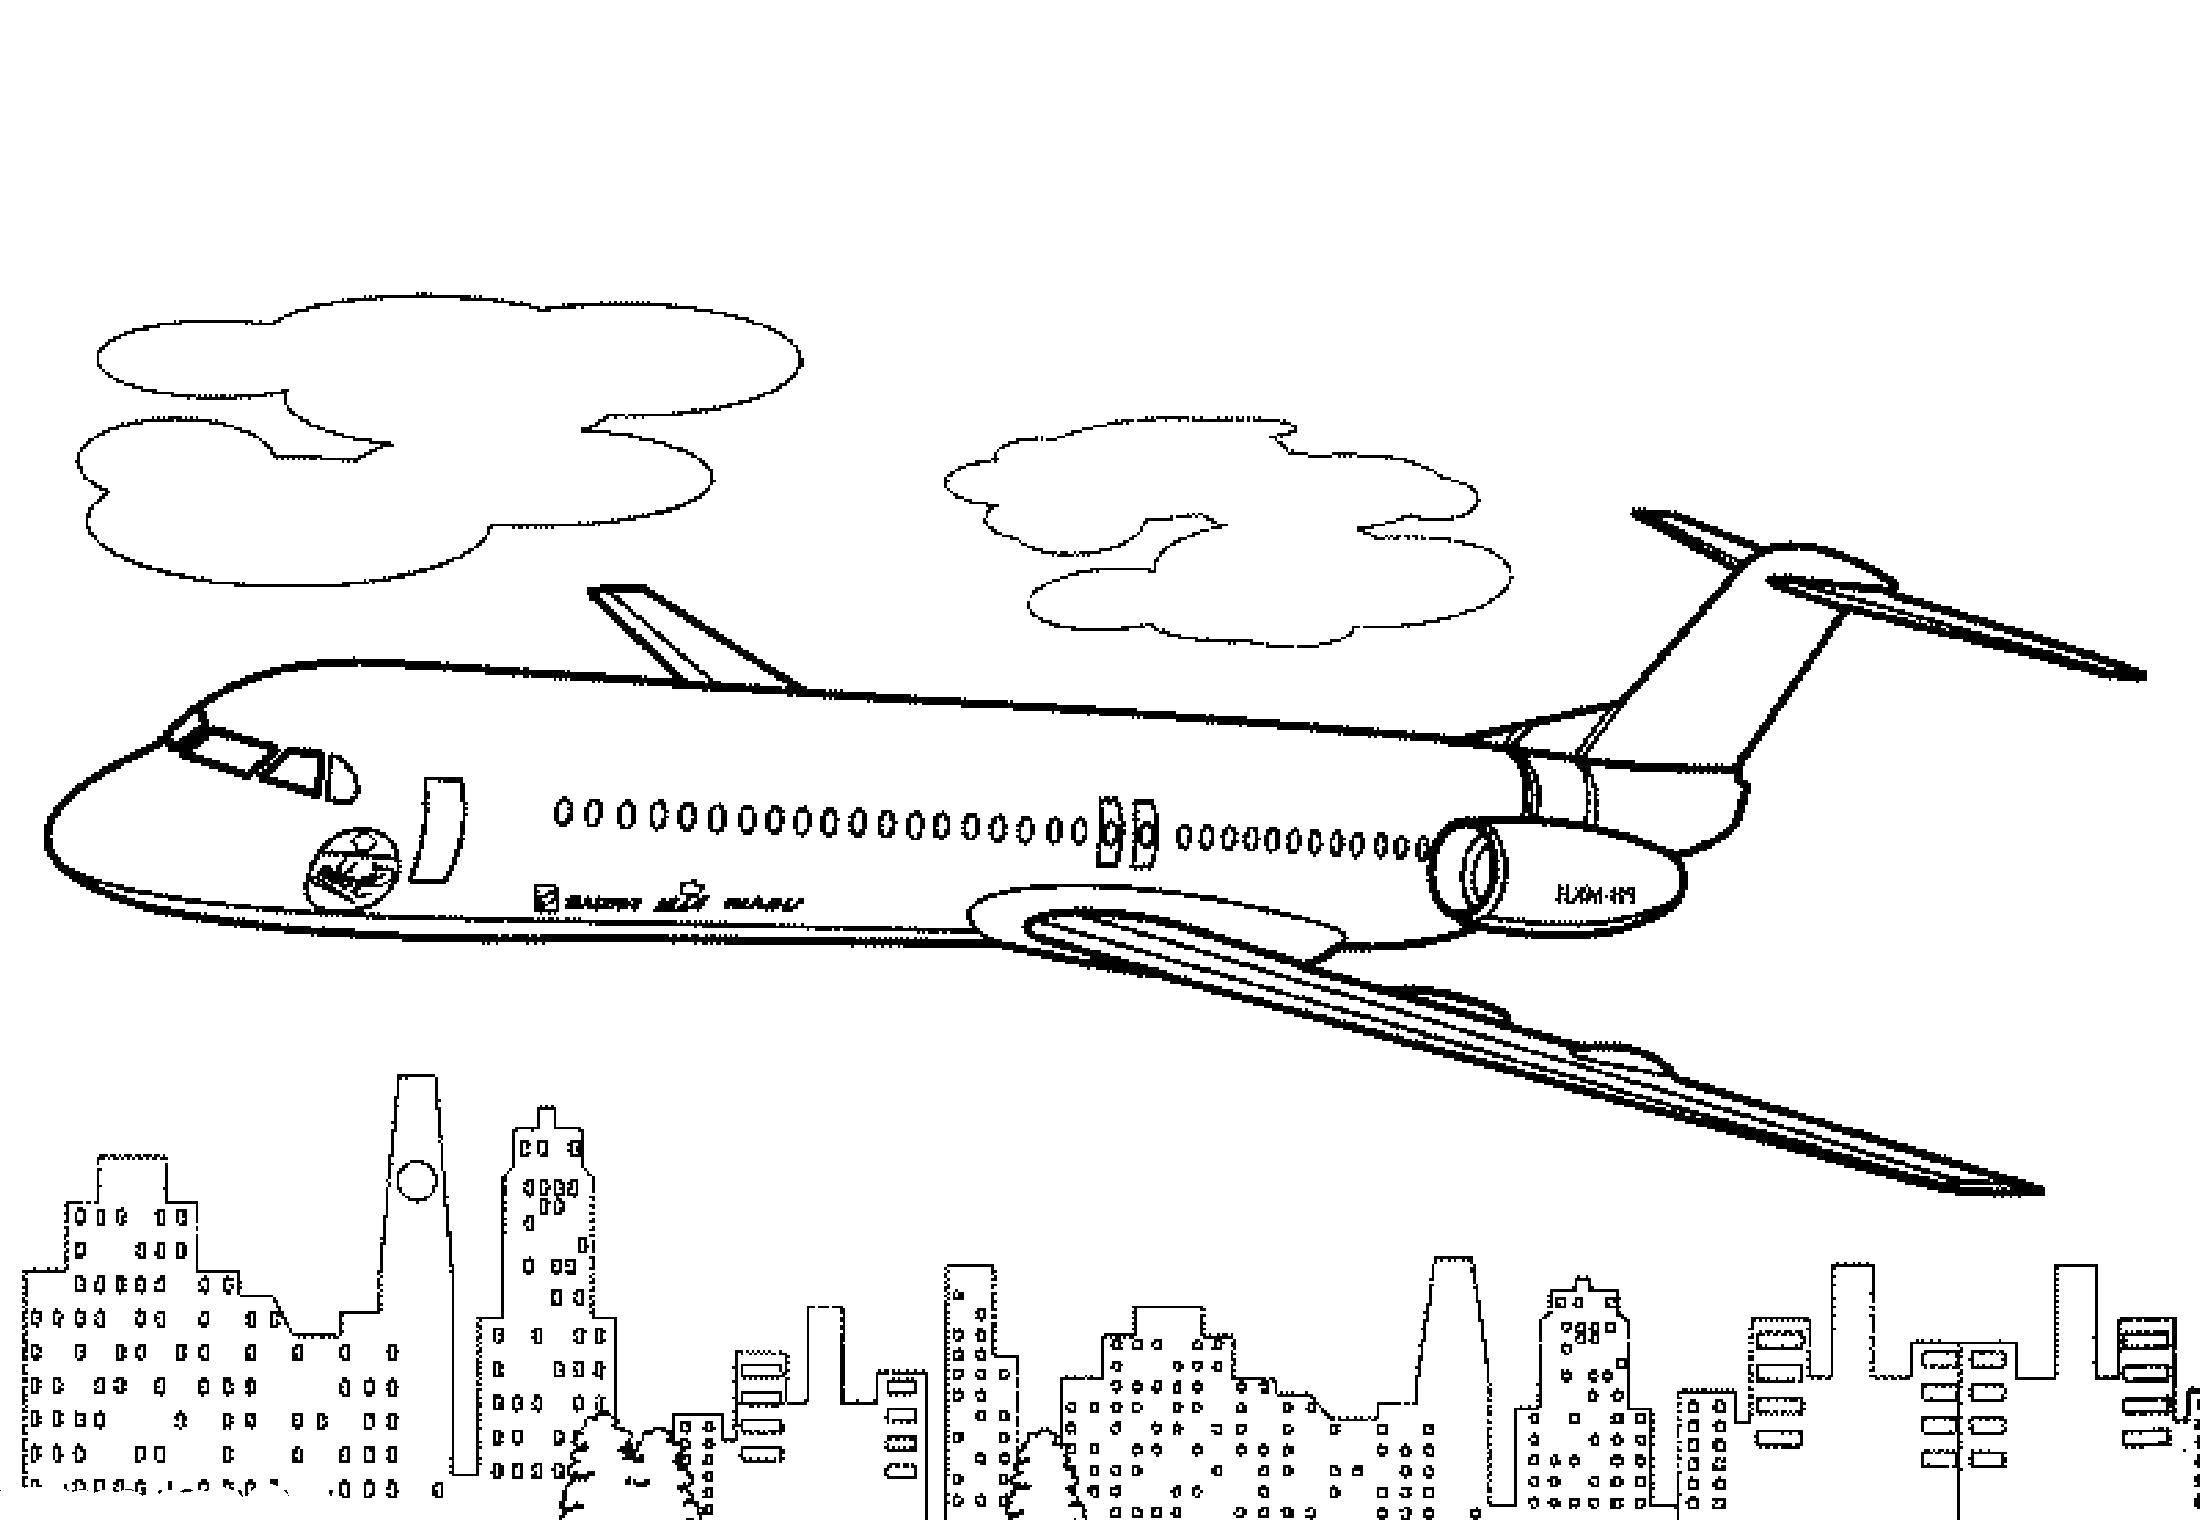 Раскраски самолеты Раскраски самолеты, самолет над городом, сверхзвуковой самолет, военный самолет, пассажирский самолет